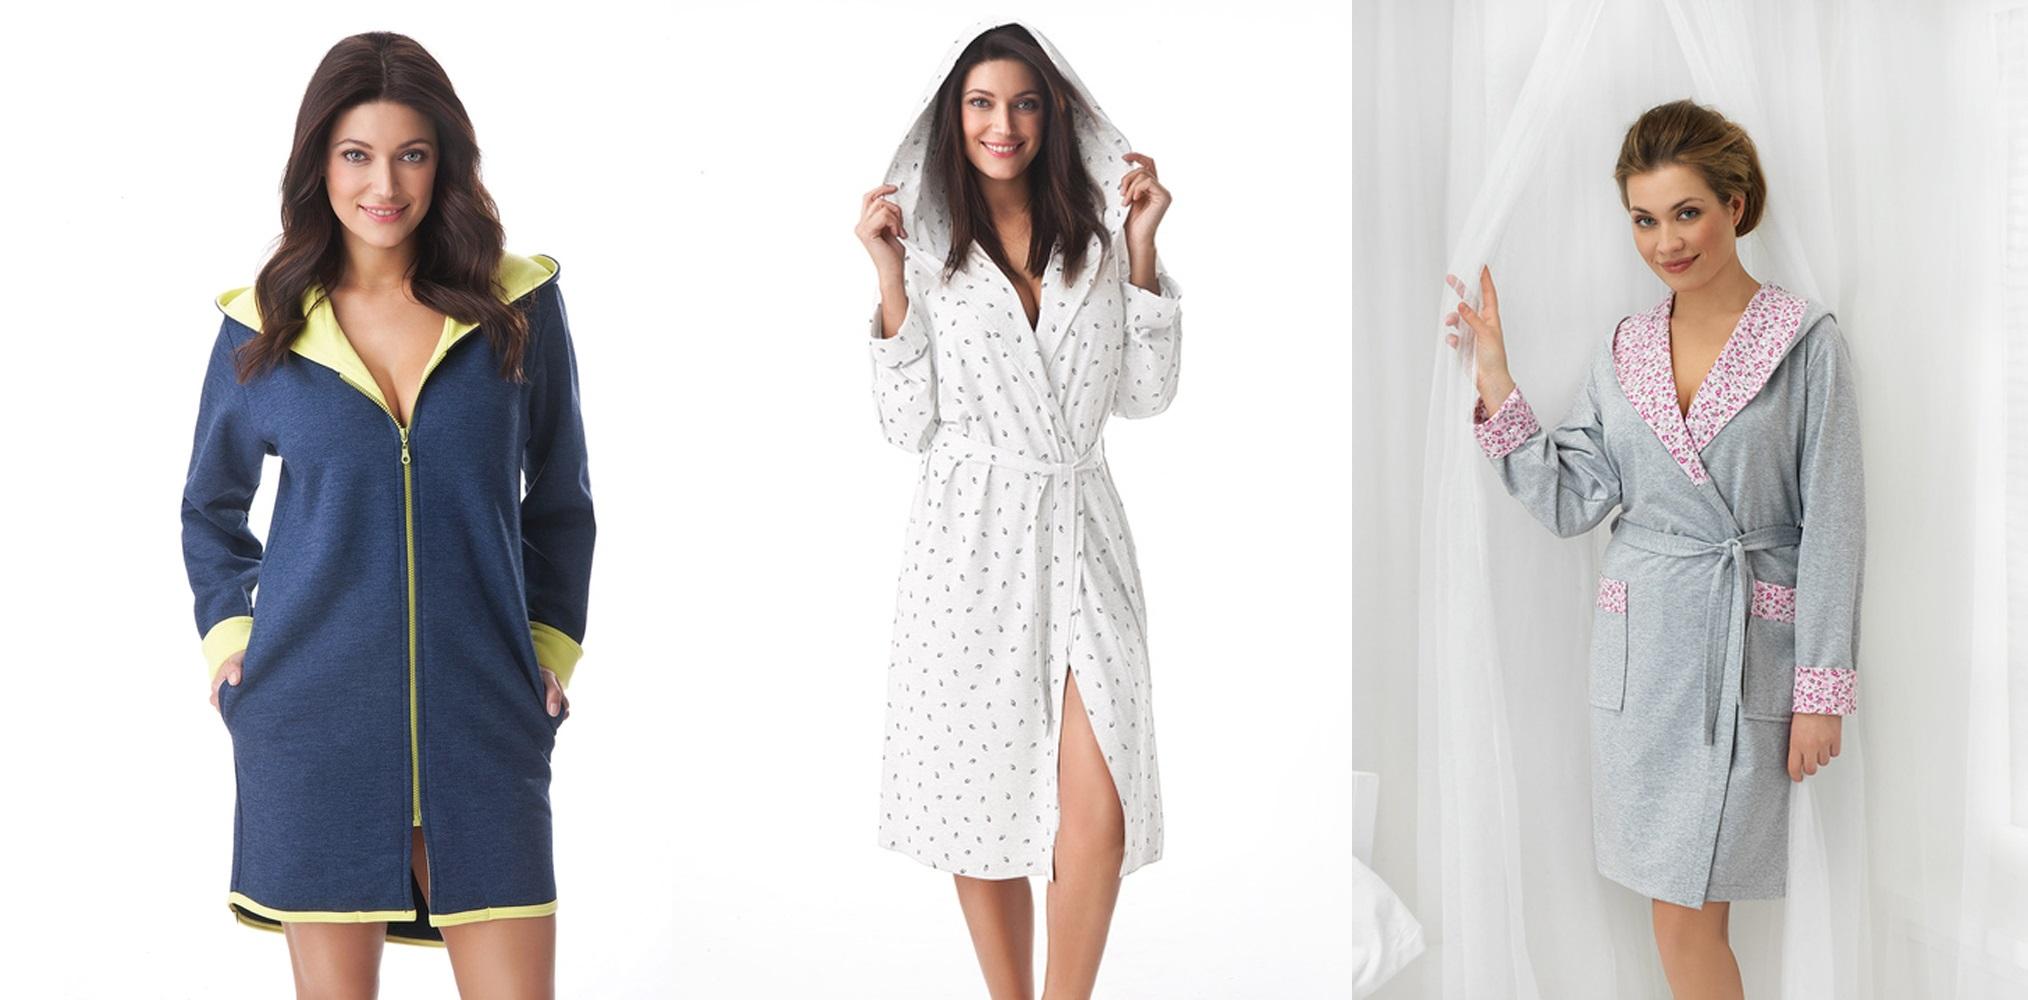 Женские халаты Dorota купить в интернет магазине relish.com.ua